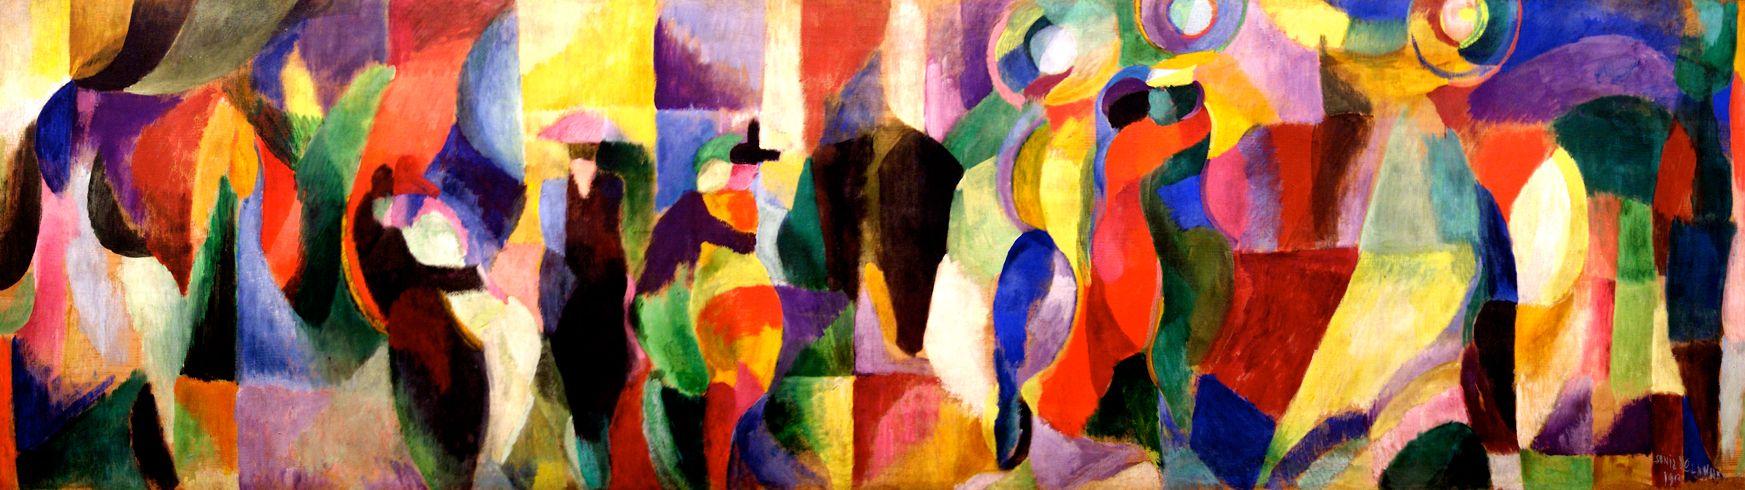 Sonia Delaunay 5